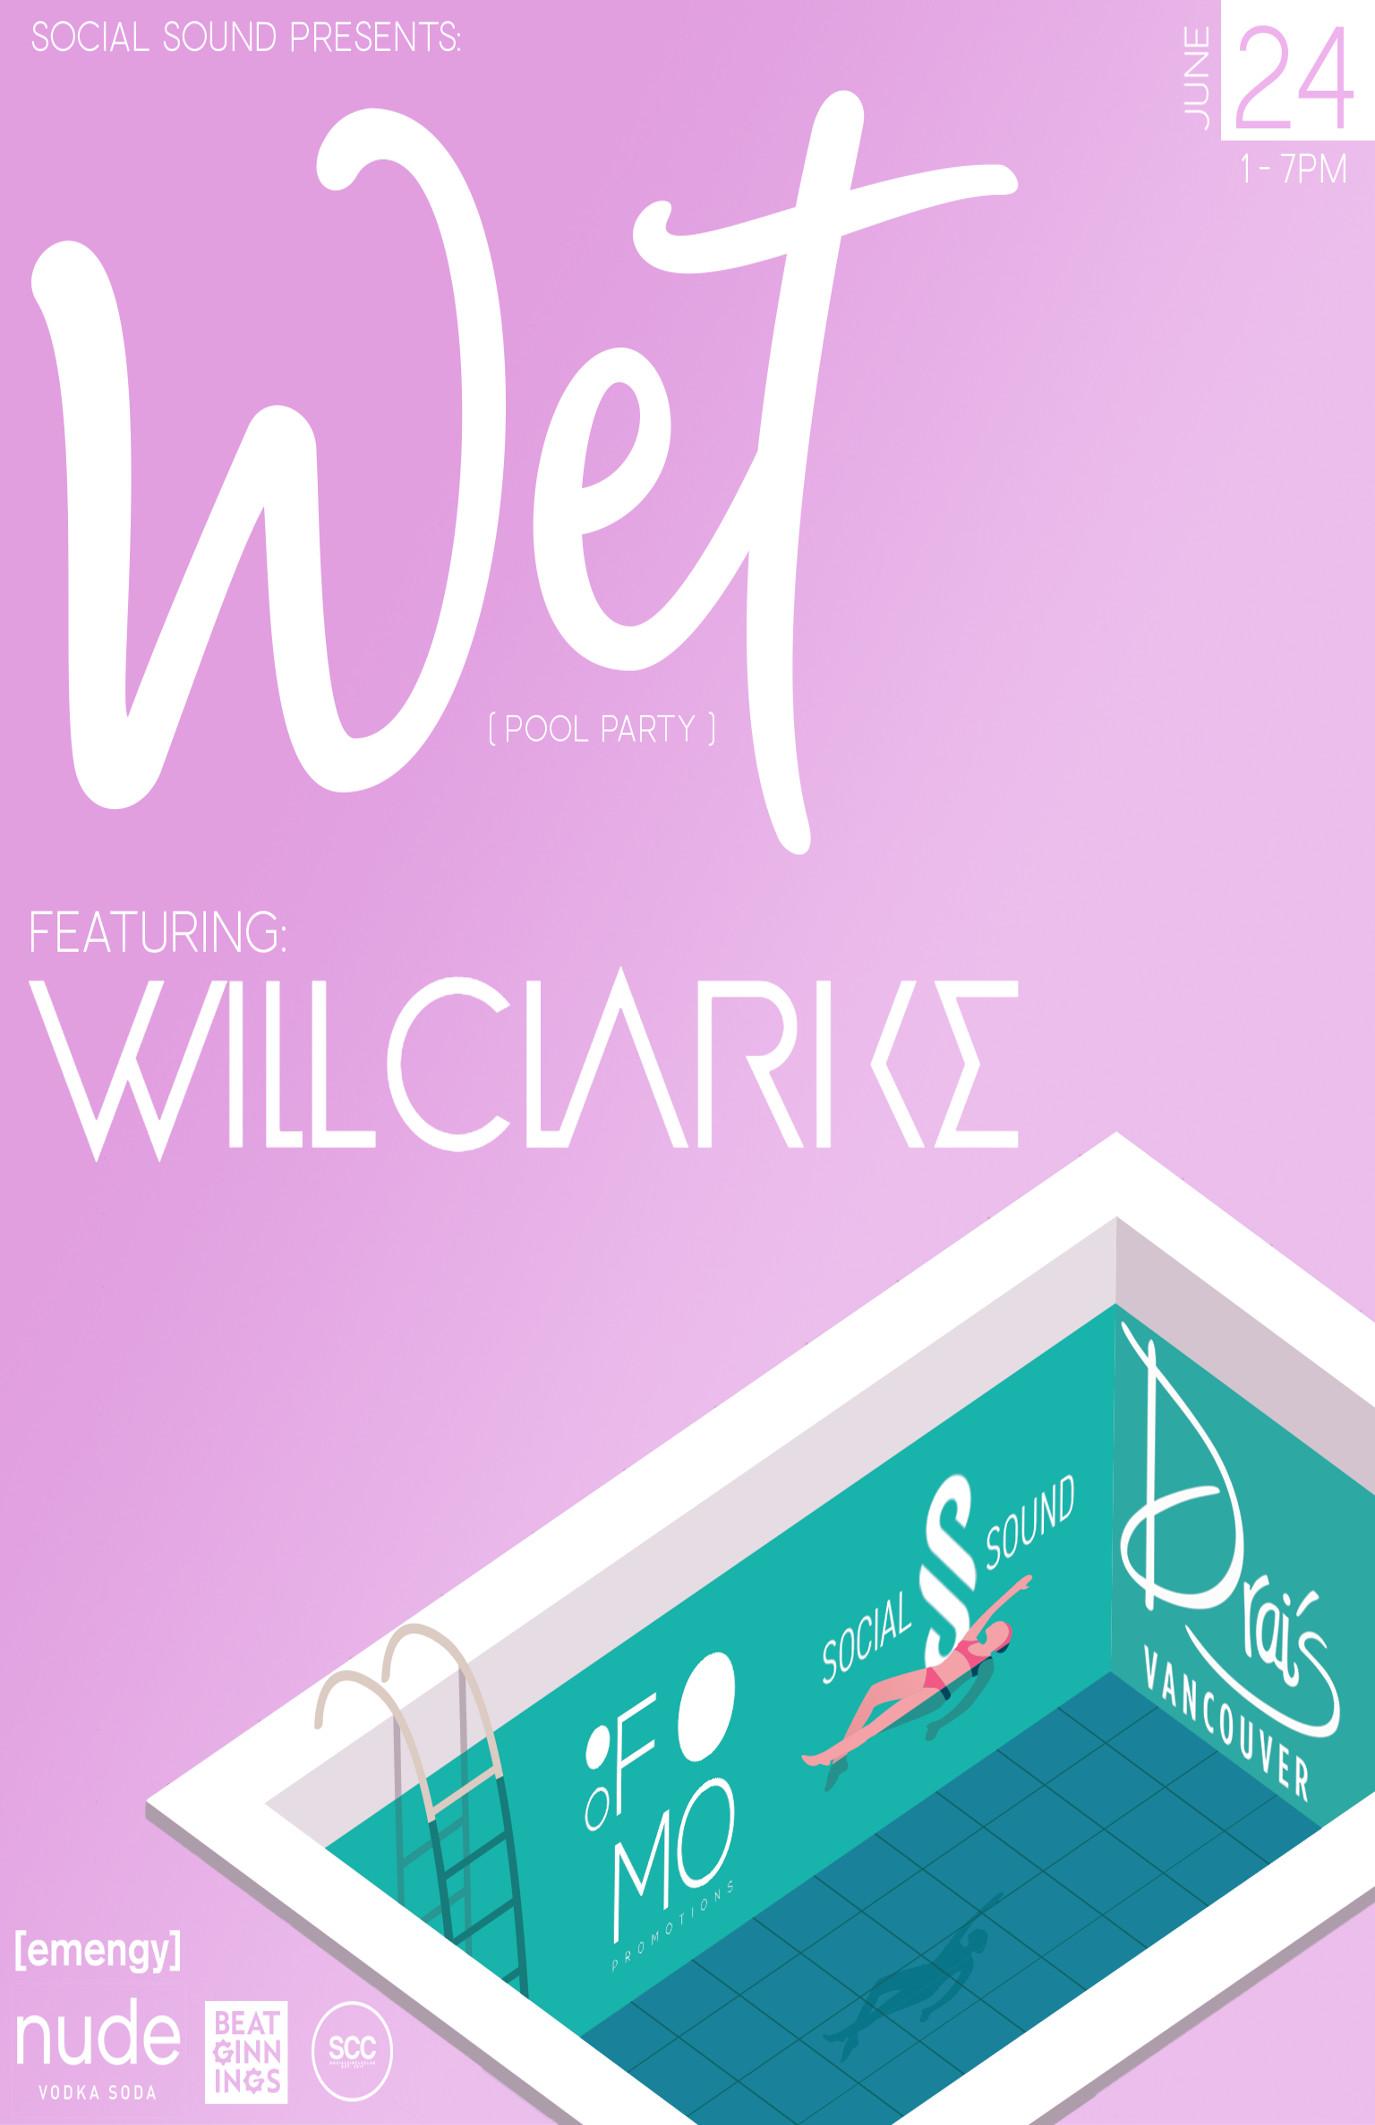 1117-WillClarke.jpg